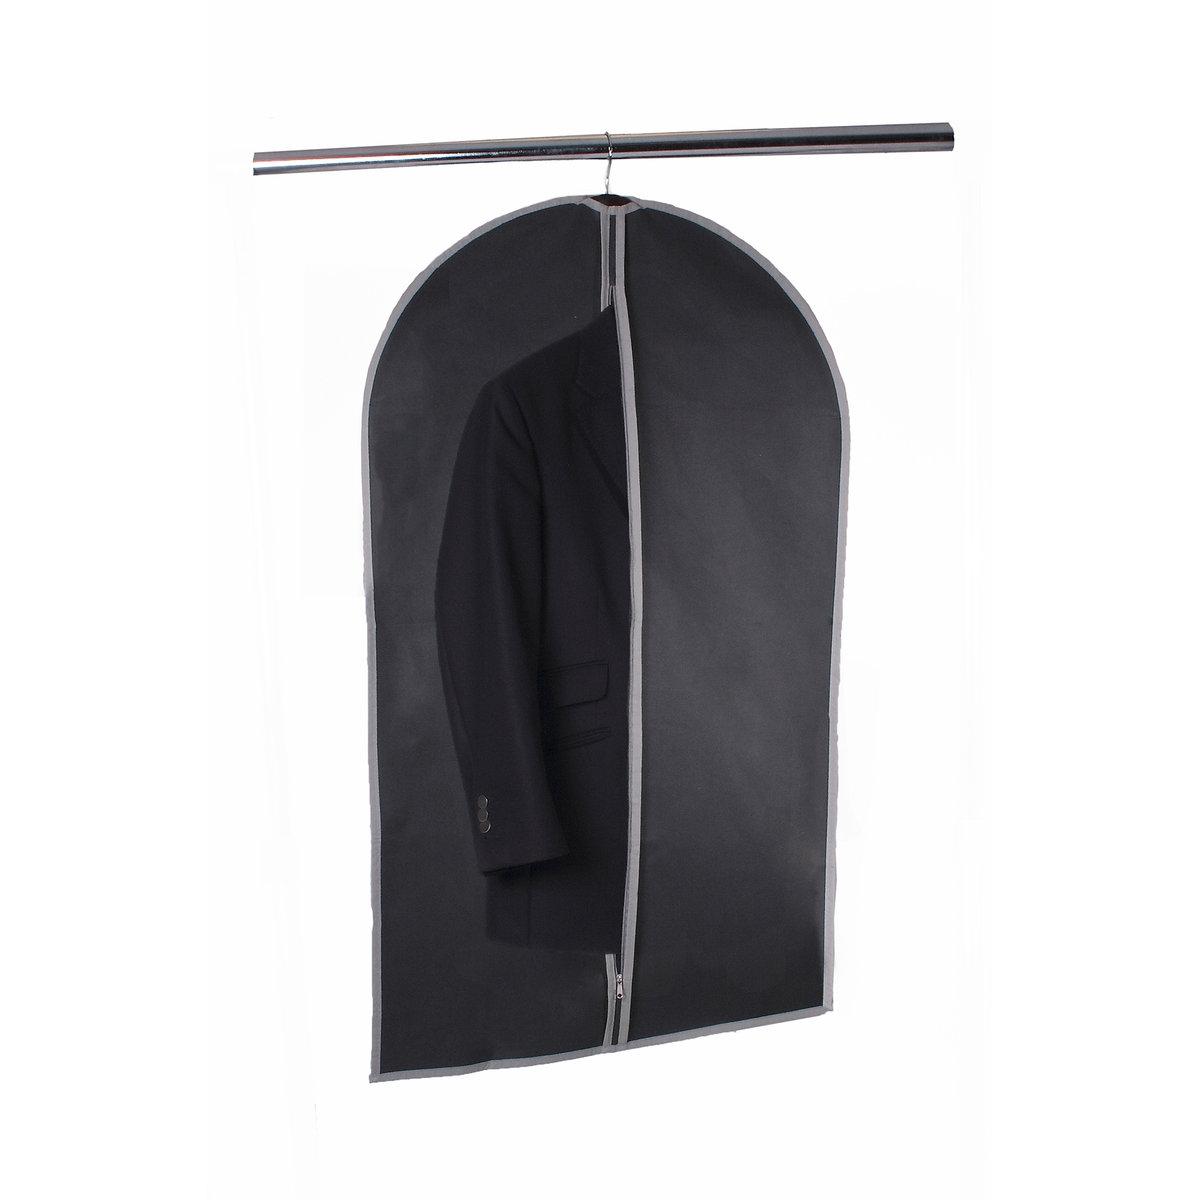 2 чехла для одеждыХарактеристики коротких чехлов для одежды:эти нетканые чехлы выполнены из полипропилена плотностью 80 г/м2. Прорезь для плечиков длиной 6 см. Застежка на молнию. Цвет: темно-серый, контрастная отделка кантом светло-серого цвета.Размер 2 коротких чехлов для одежды:Ш. 60 x Д. 100 см<br><br>Цвет: темно-серый